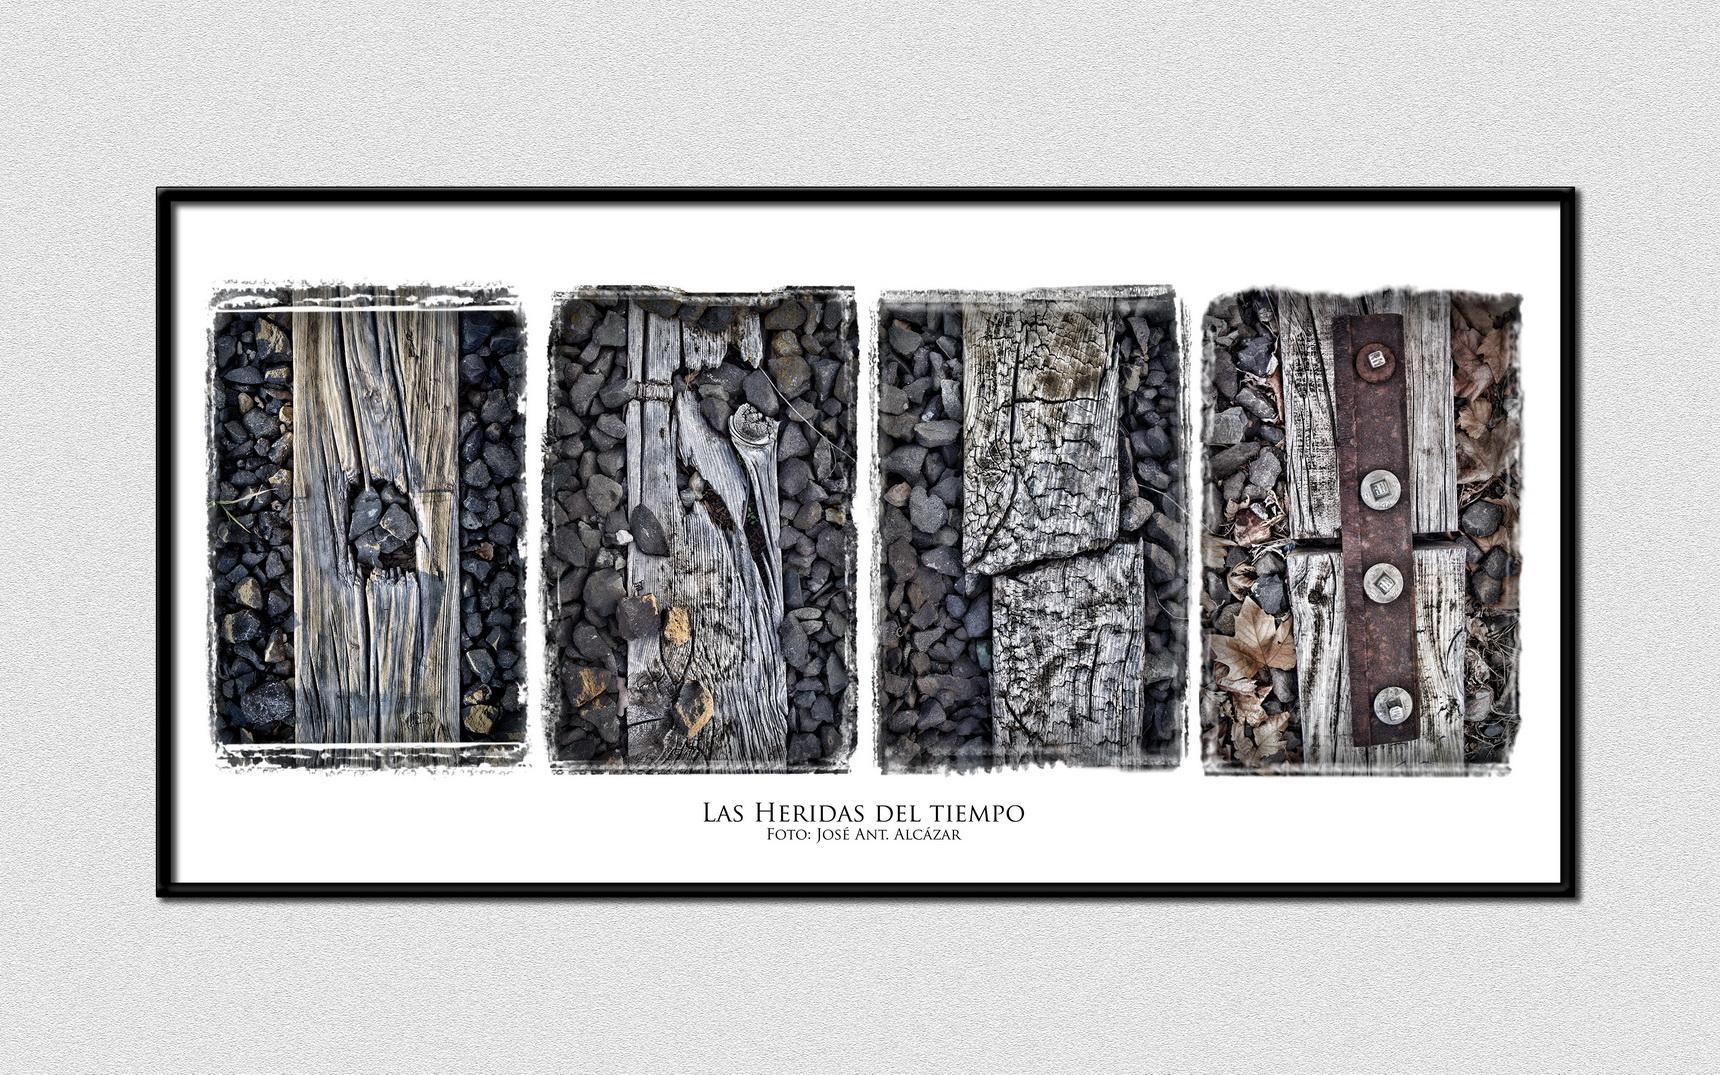 """""""Las heridas del tiempo"""" de José Antonio Alcázar- Finalista en el concurso Caminos de Hierro (2016)"""